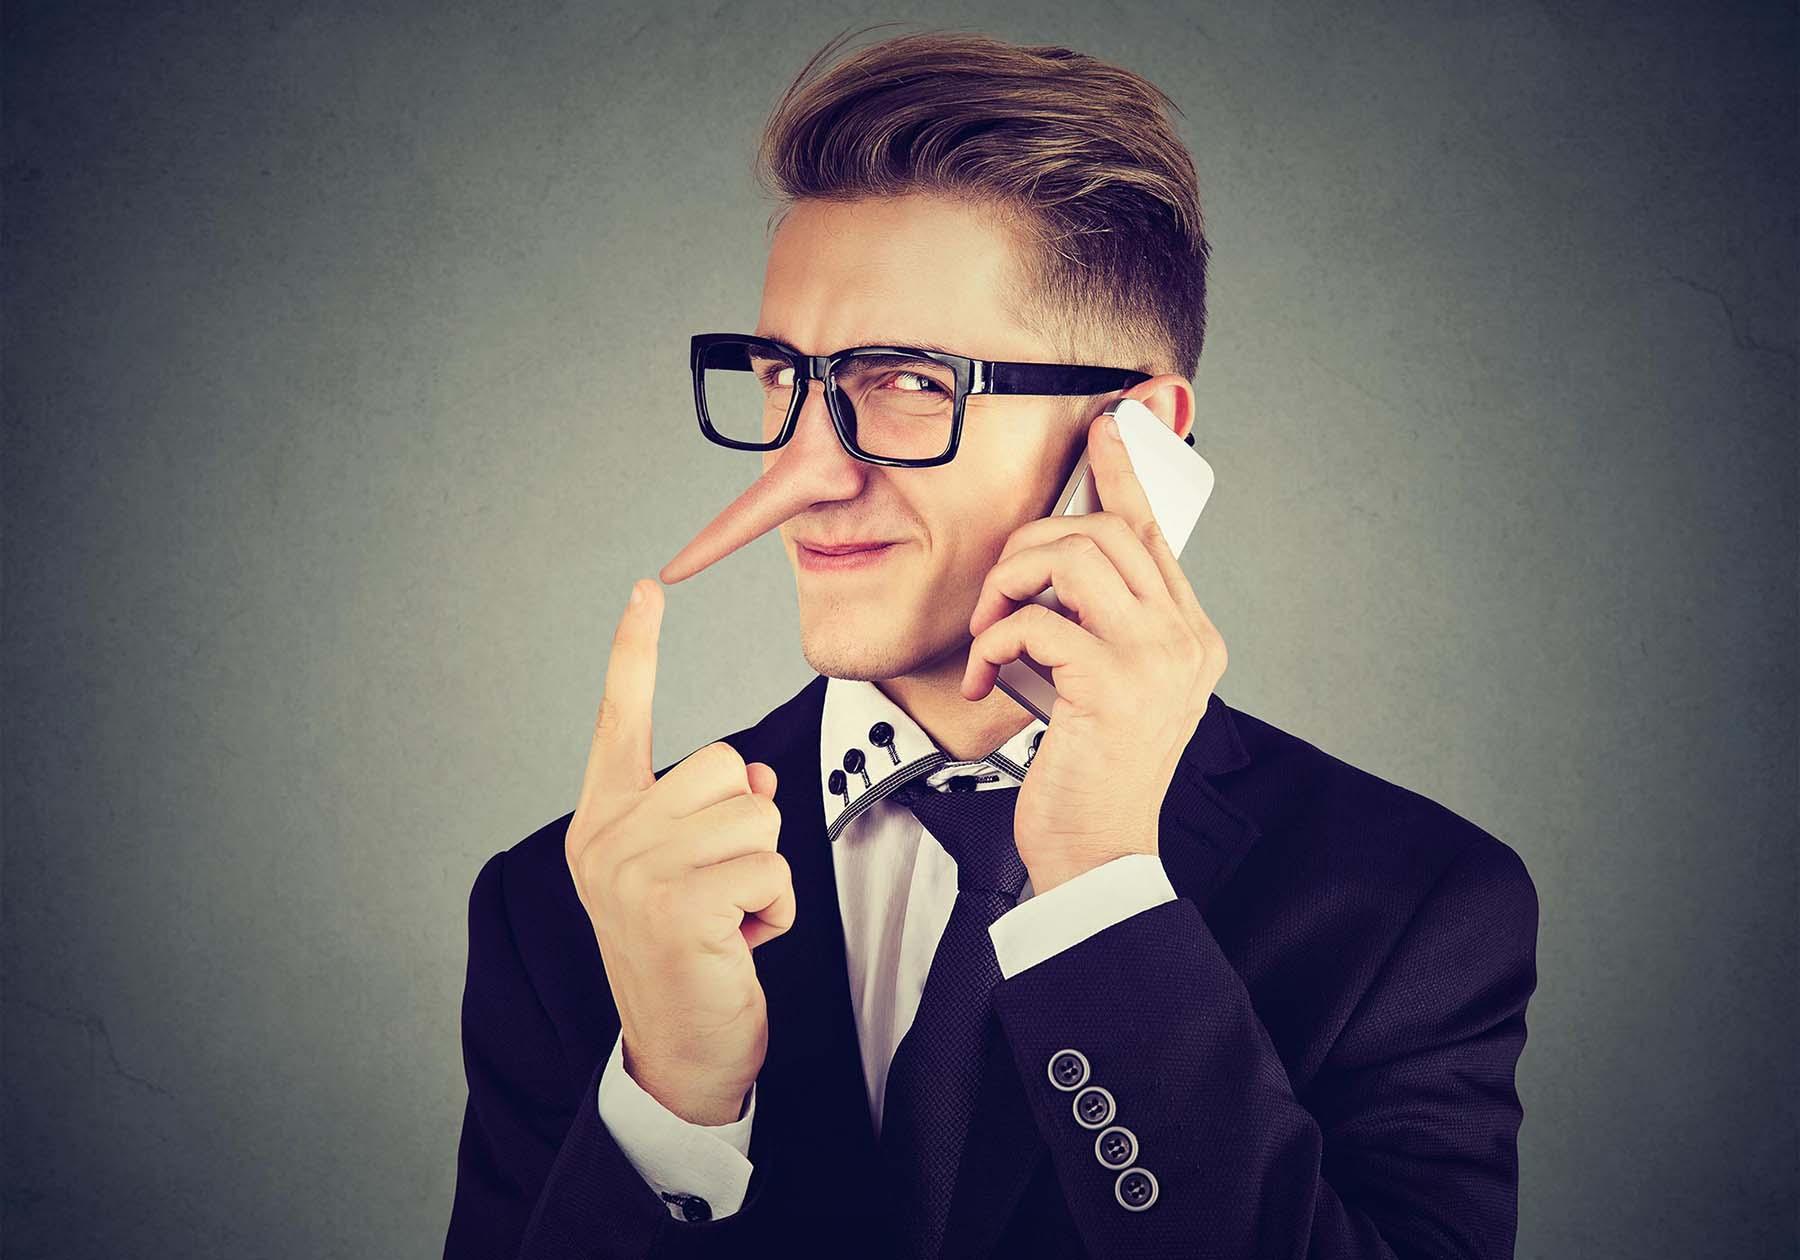 تشخیص دروغگویی افراد از روی زبان بدن